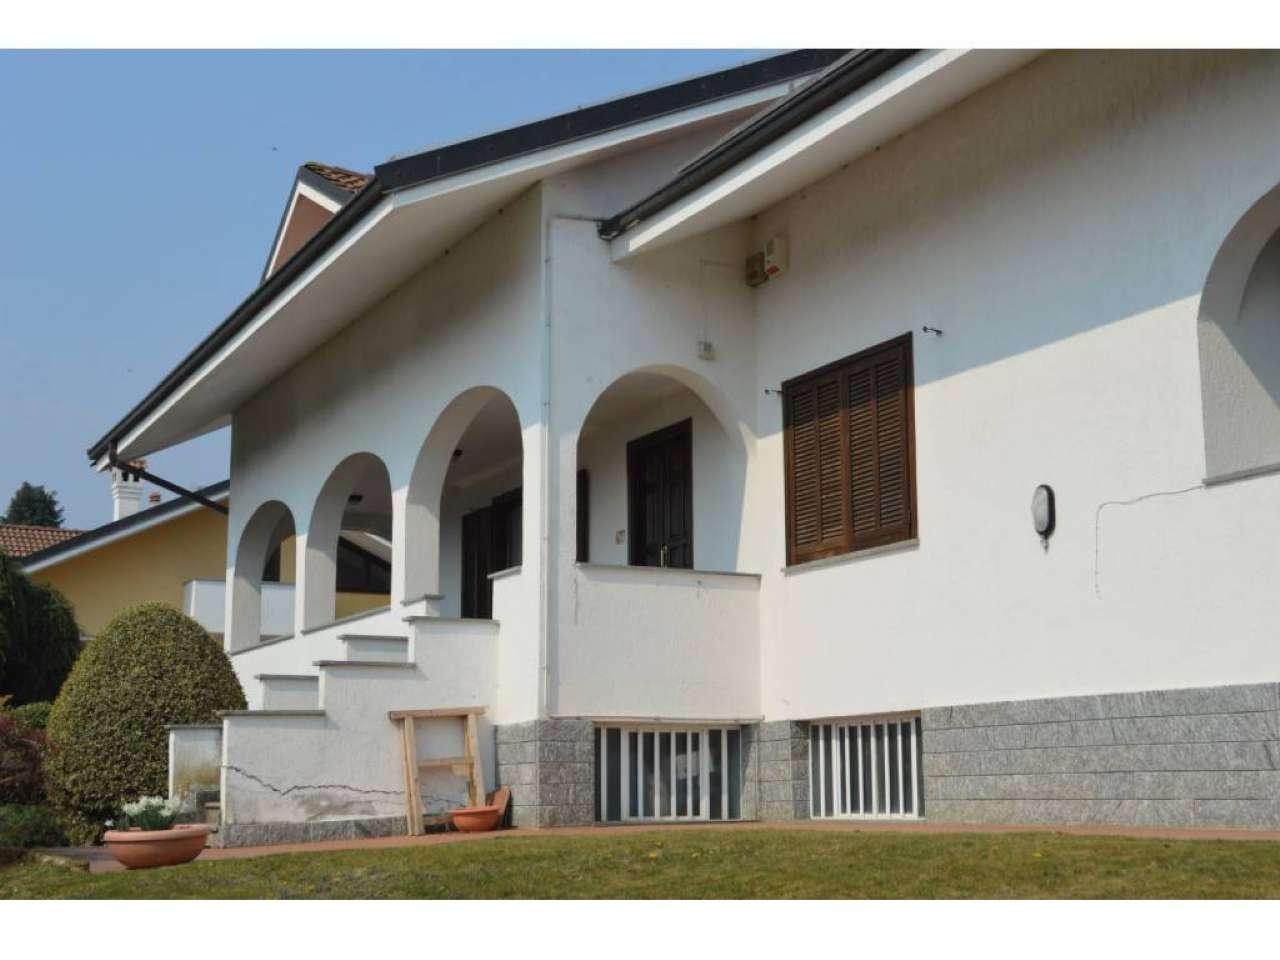 Villa Bifamiliare in vendita a Giaveno, 9 locali, prezzo € 230.357 | PortaleAgenzieImmobiliari.it